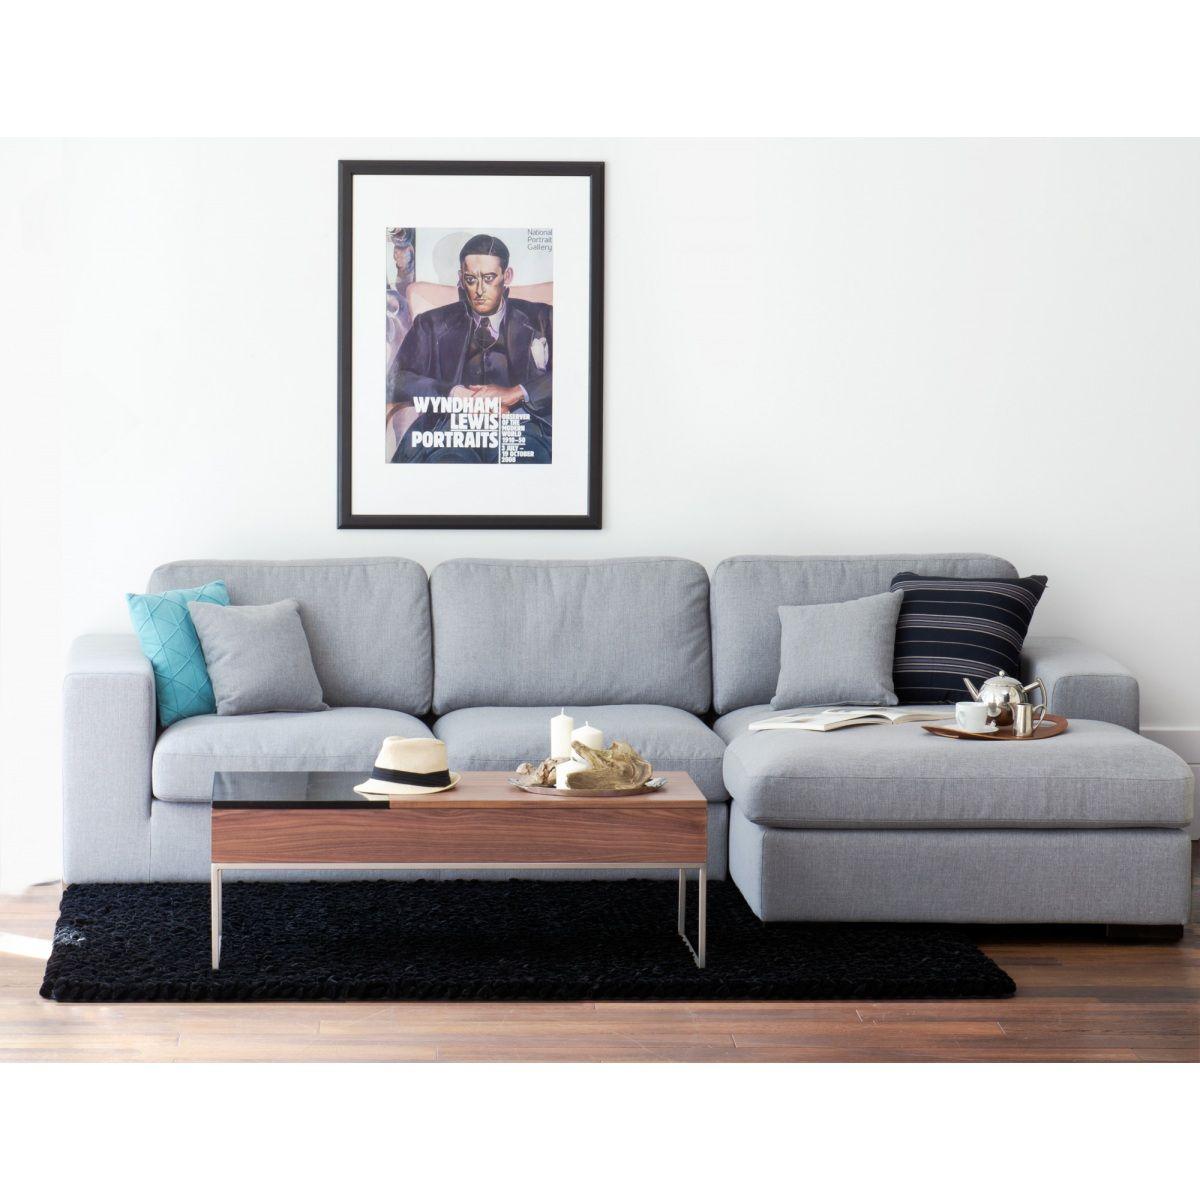 Captivating Wohnzimmer Set Maxton Umfasst Das Komfortable Ecksofa Boston Grau Mit  Schlaffunktion, Wahlweise Mit Chaiselounge Awesome Design